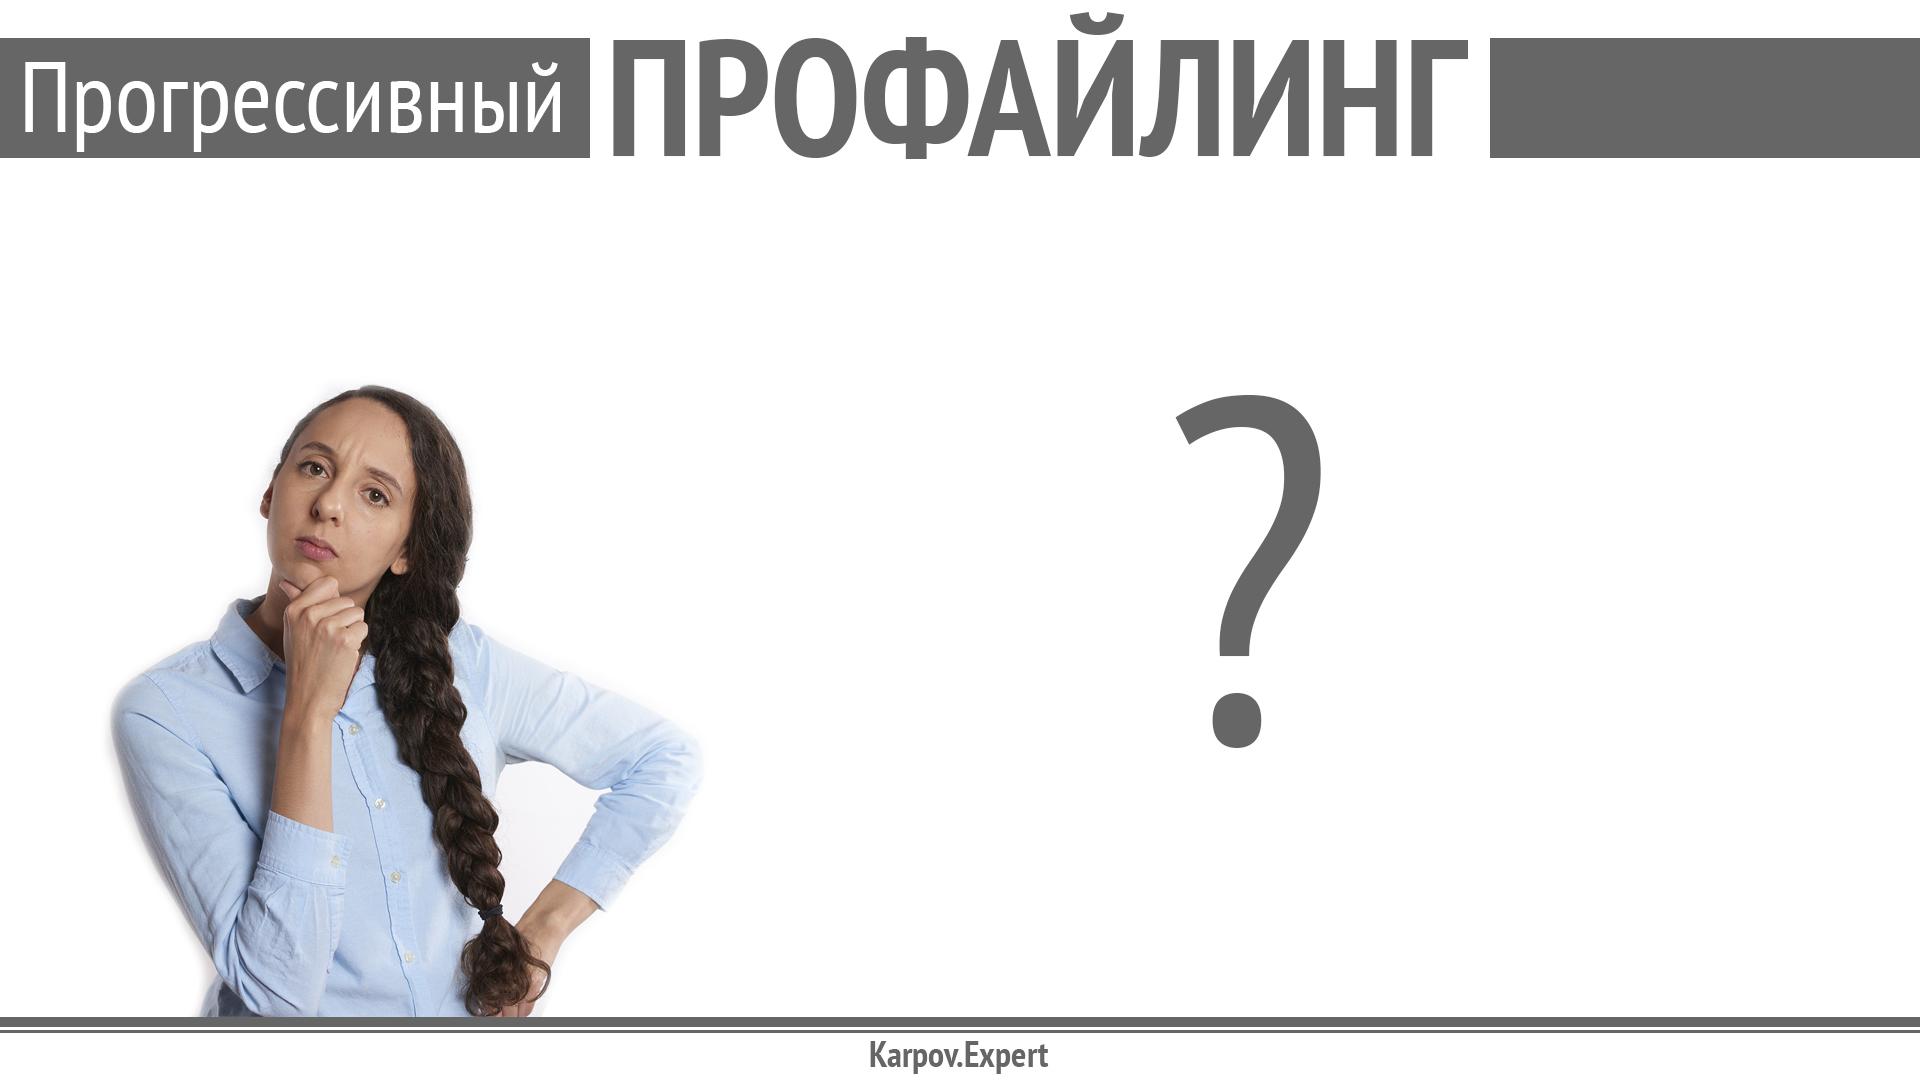 Karpov-WordCamp2019_Page_04